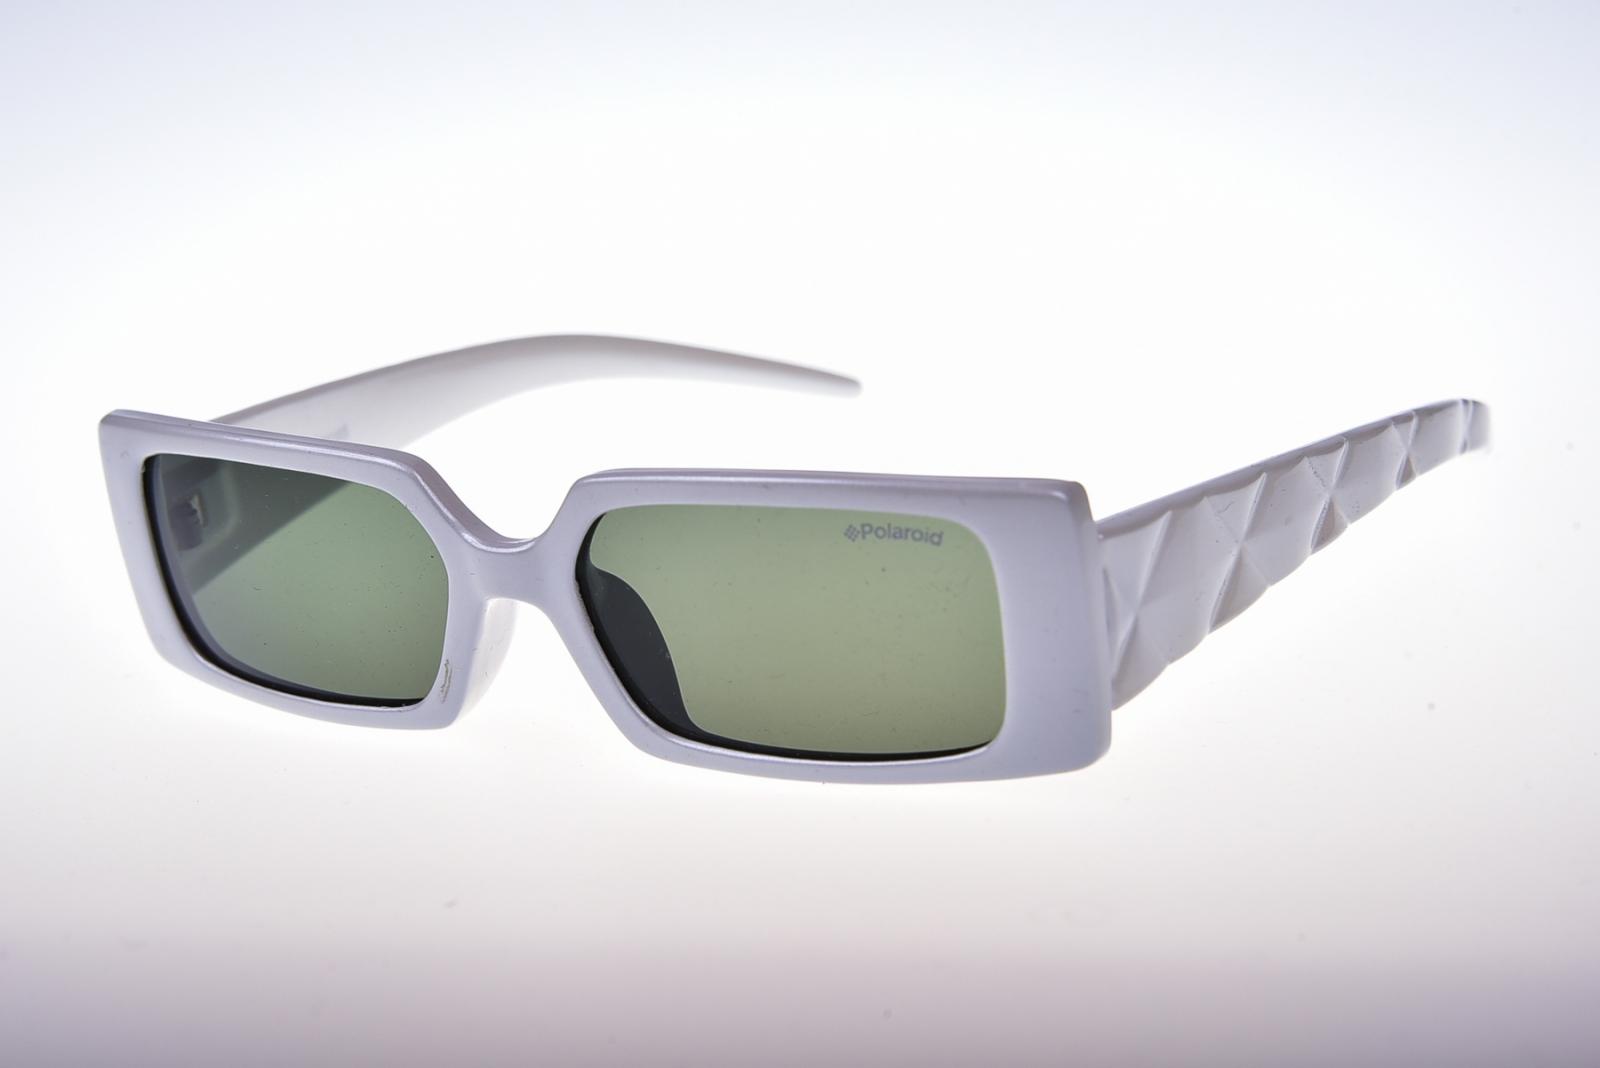 Polaroid Kids' 0771C - Slnečné okuliare pre deti 8-12 r.